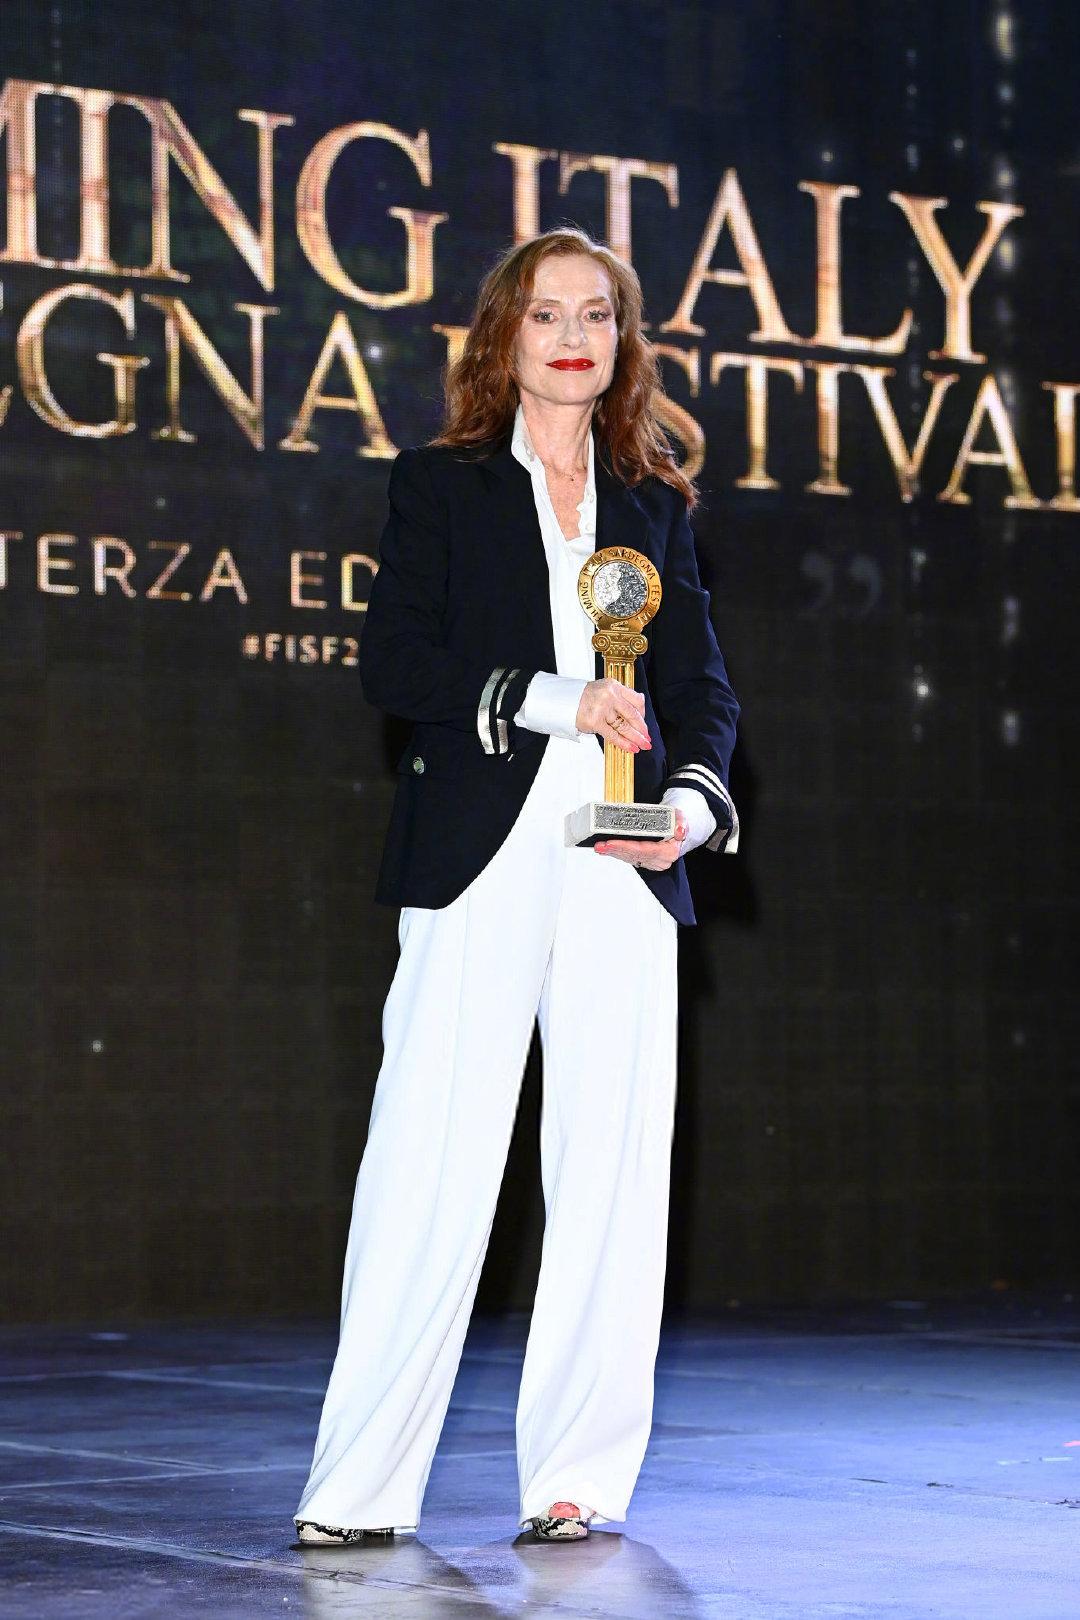 伊莎贝尔·于佩尔亮相加第3届意大利撒丁岛电影节,被授予荣誉奖